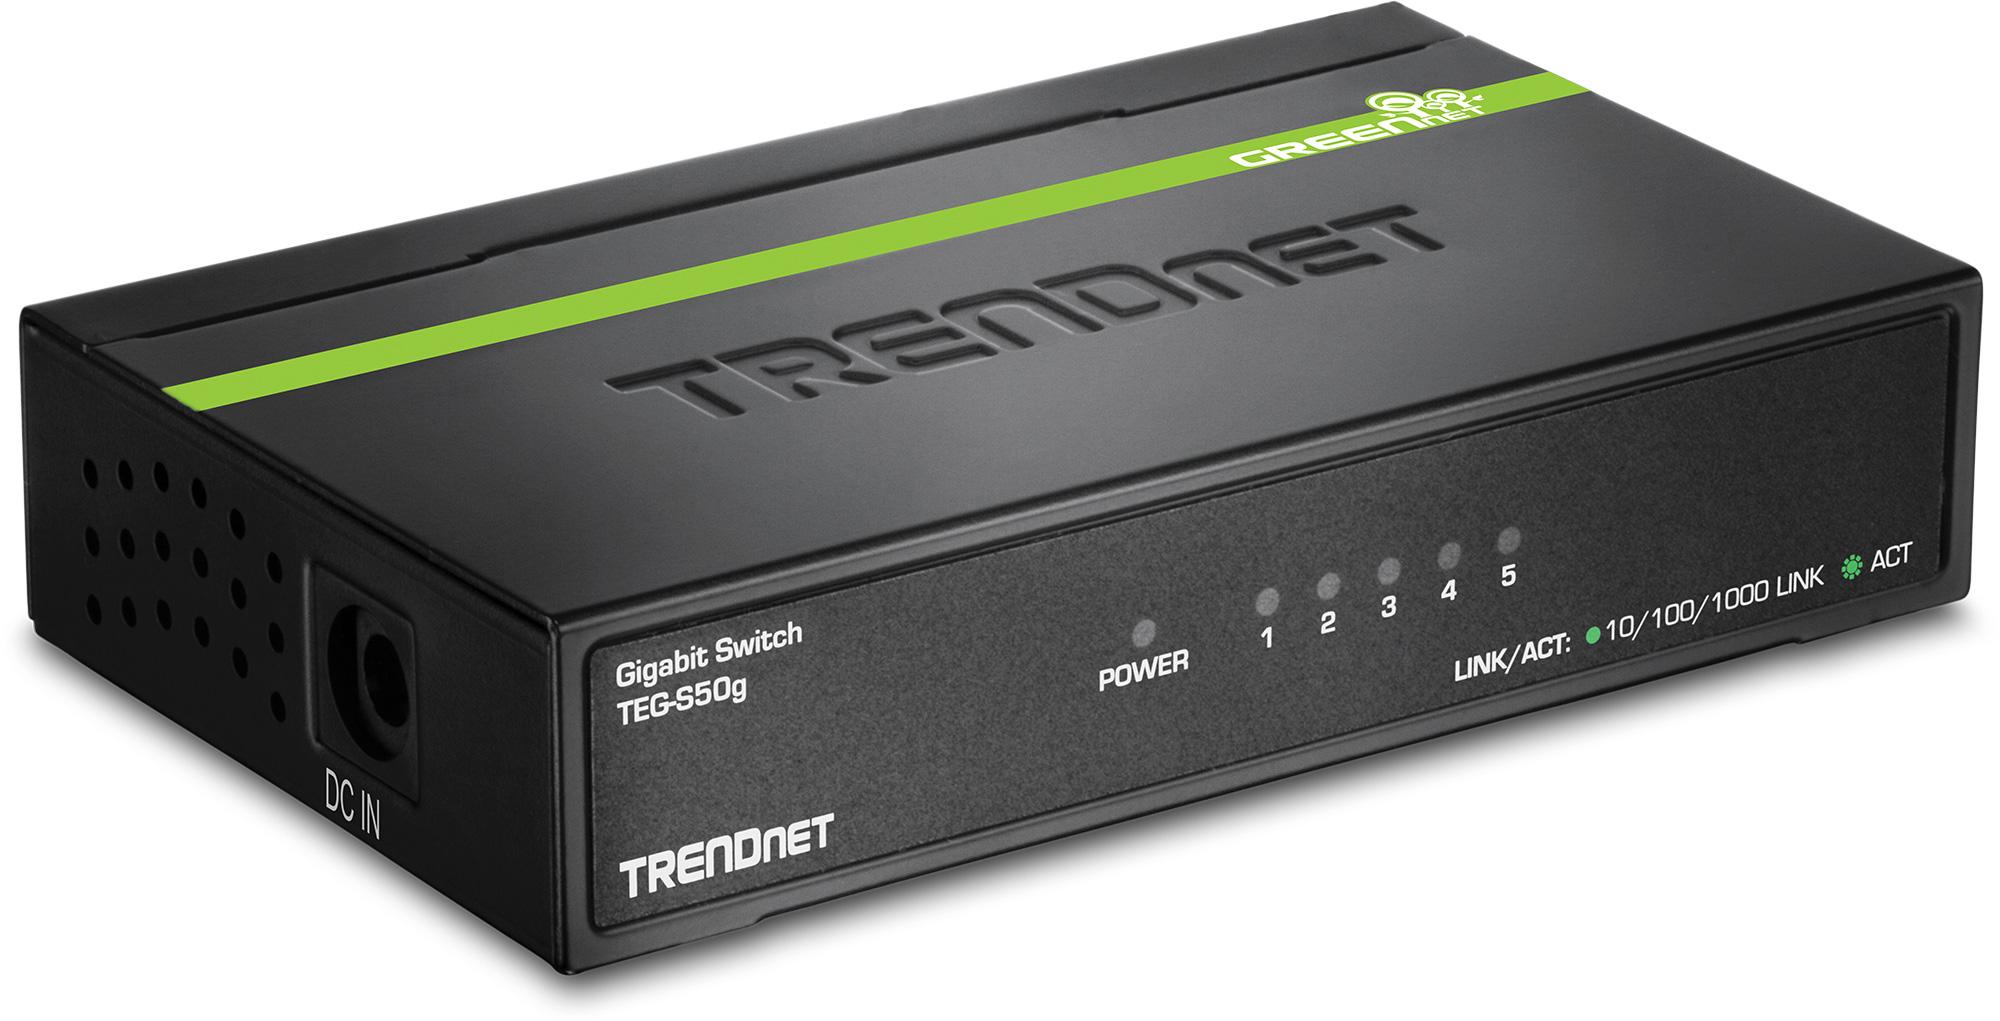 TRENDnet TEG S50G 5-Port Gigabit GREENnet Switch (Version V5.0R)  TEG-S50G